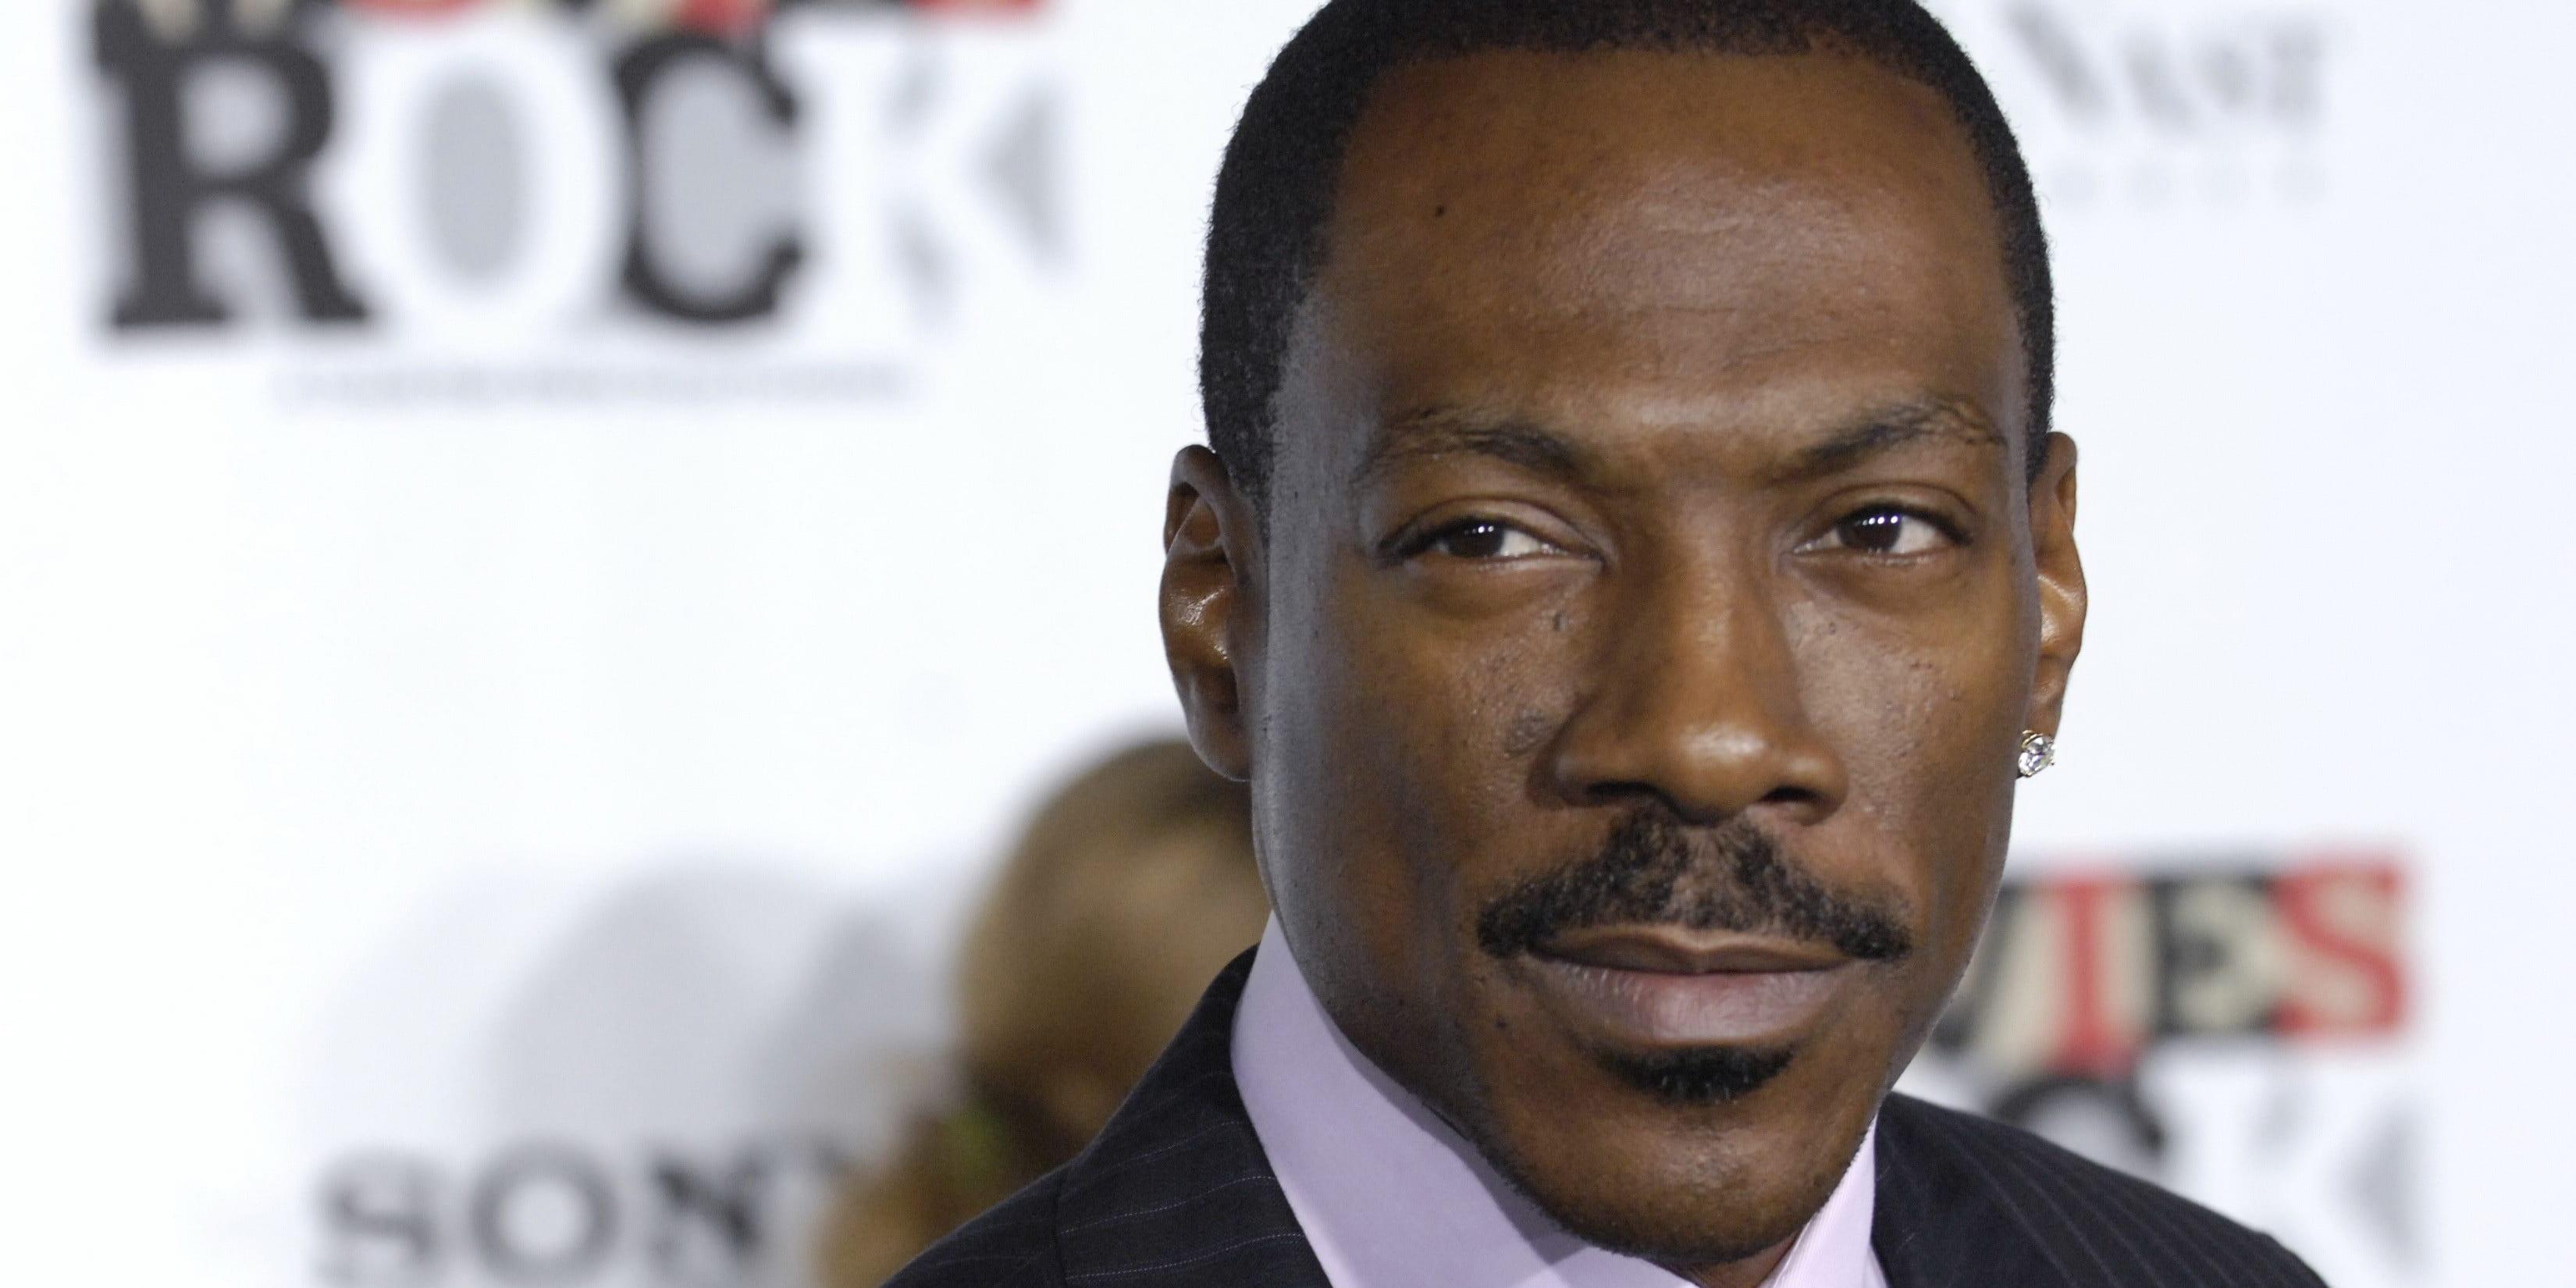 перед вами все иностранные темнокожие актеры мужчины буду любить